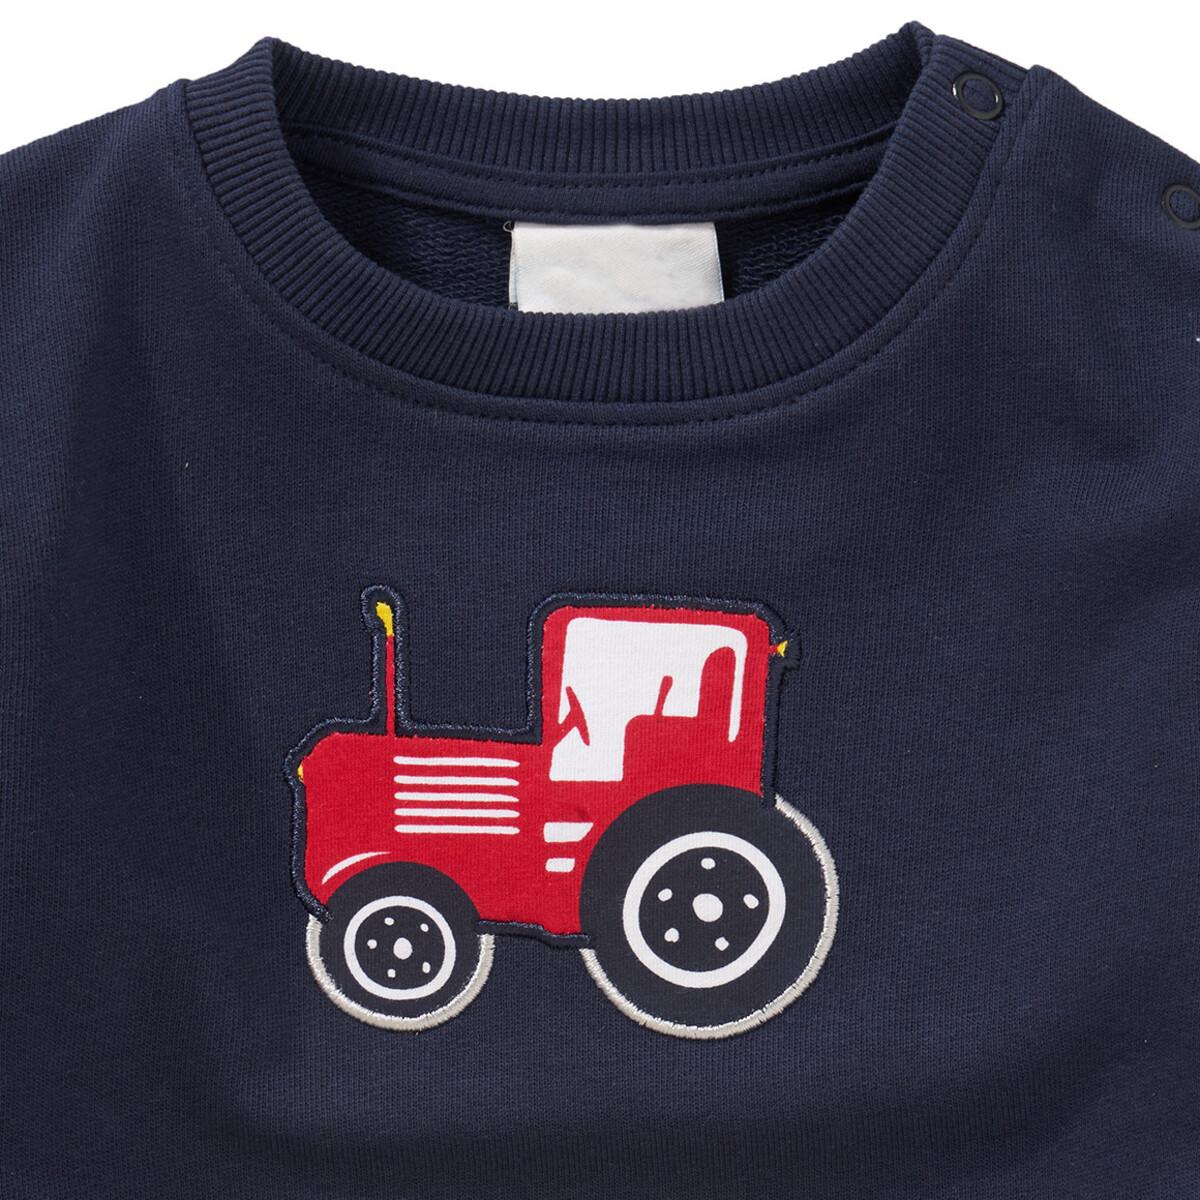 Bild 2 von Jungen Sweatshirt mit Trecker-Applikation